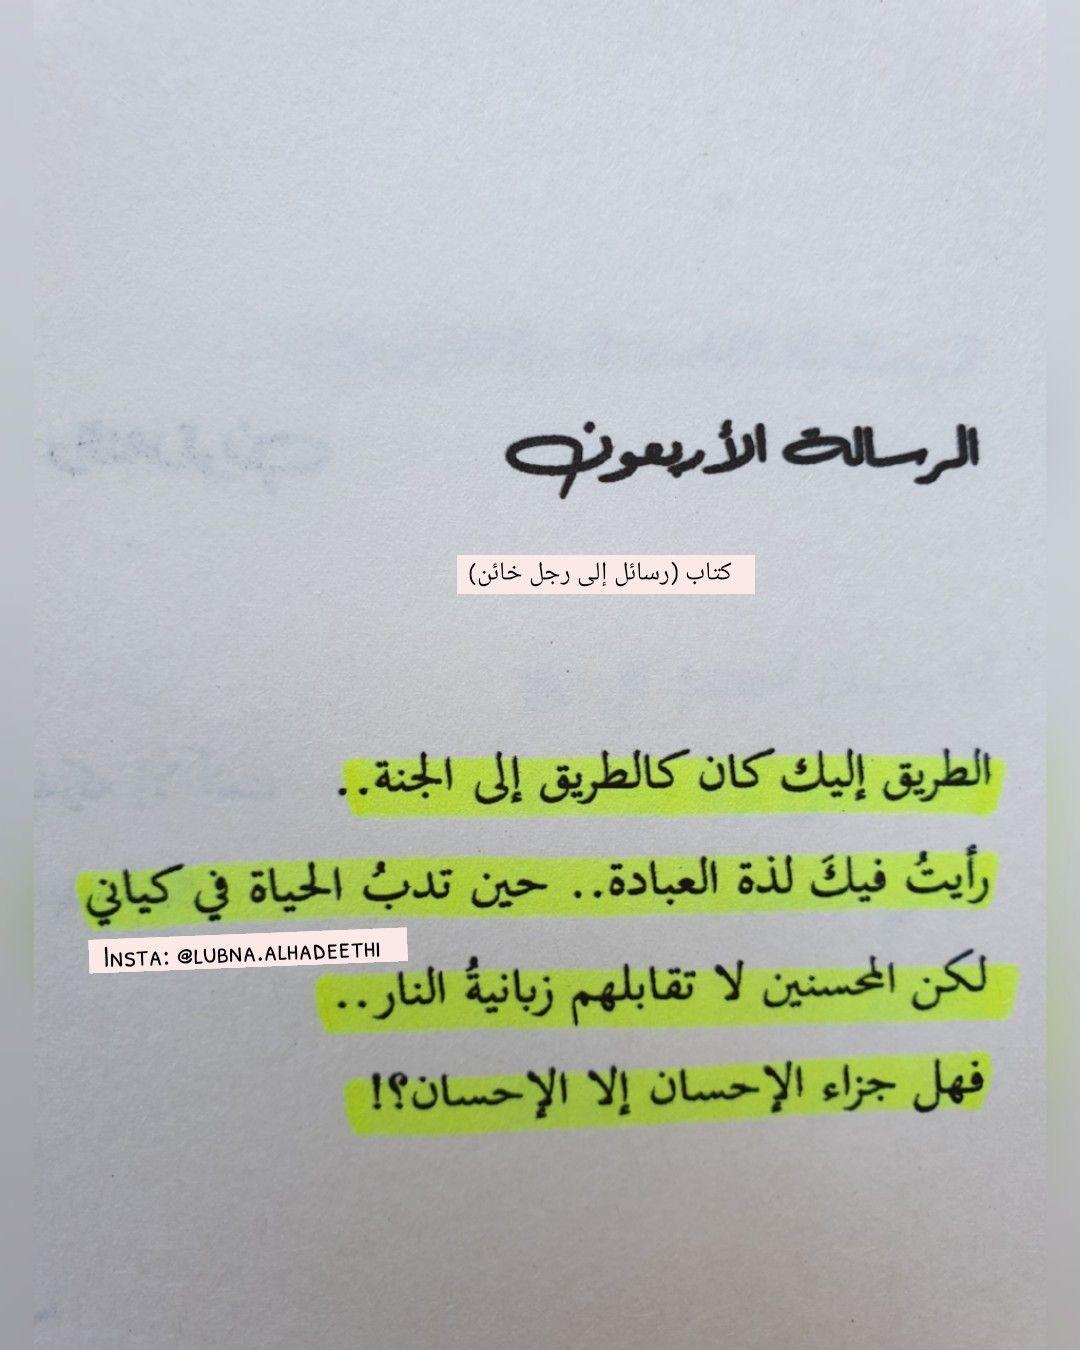 رسائل خيانة رجل حب لبنى الحديثي كلمات كلماتي اقتباسات اقتباس كتب تمبلريات Arabic Love Quotes Love Quotes Quotes